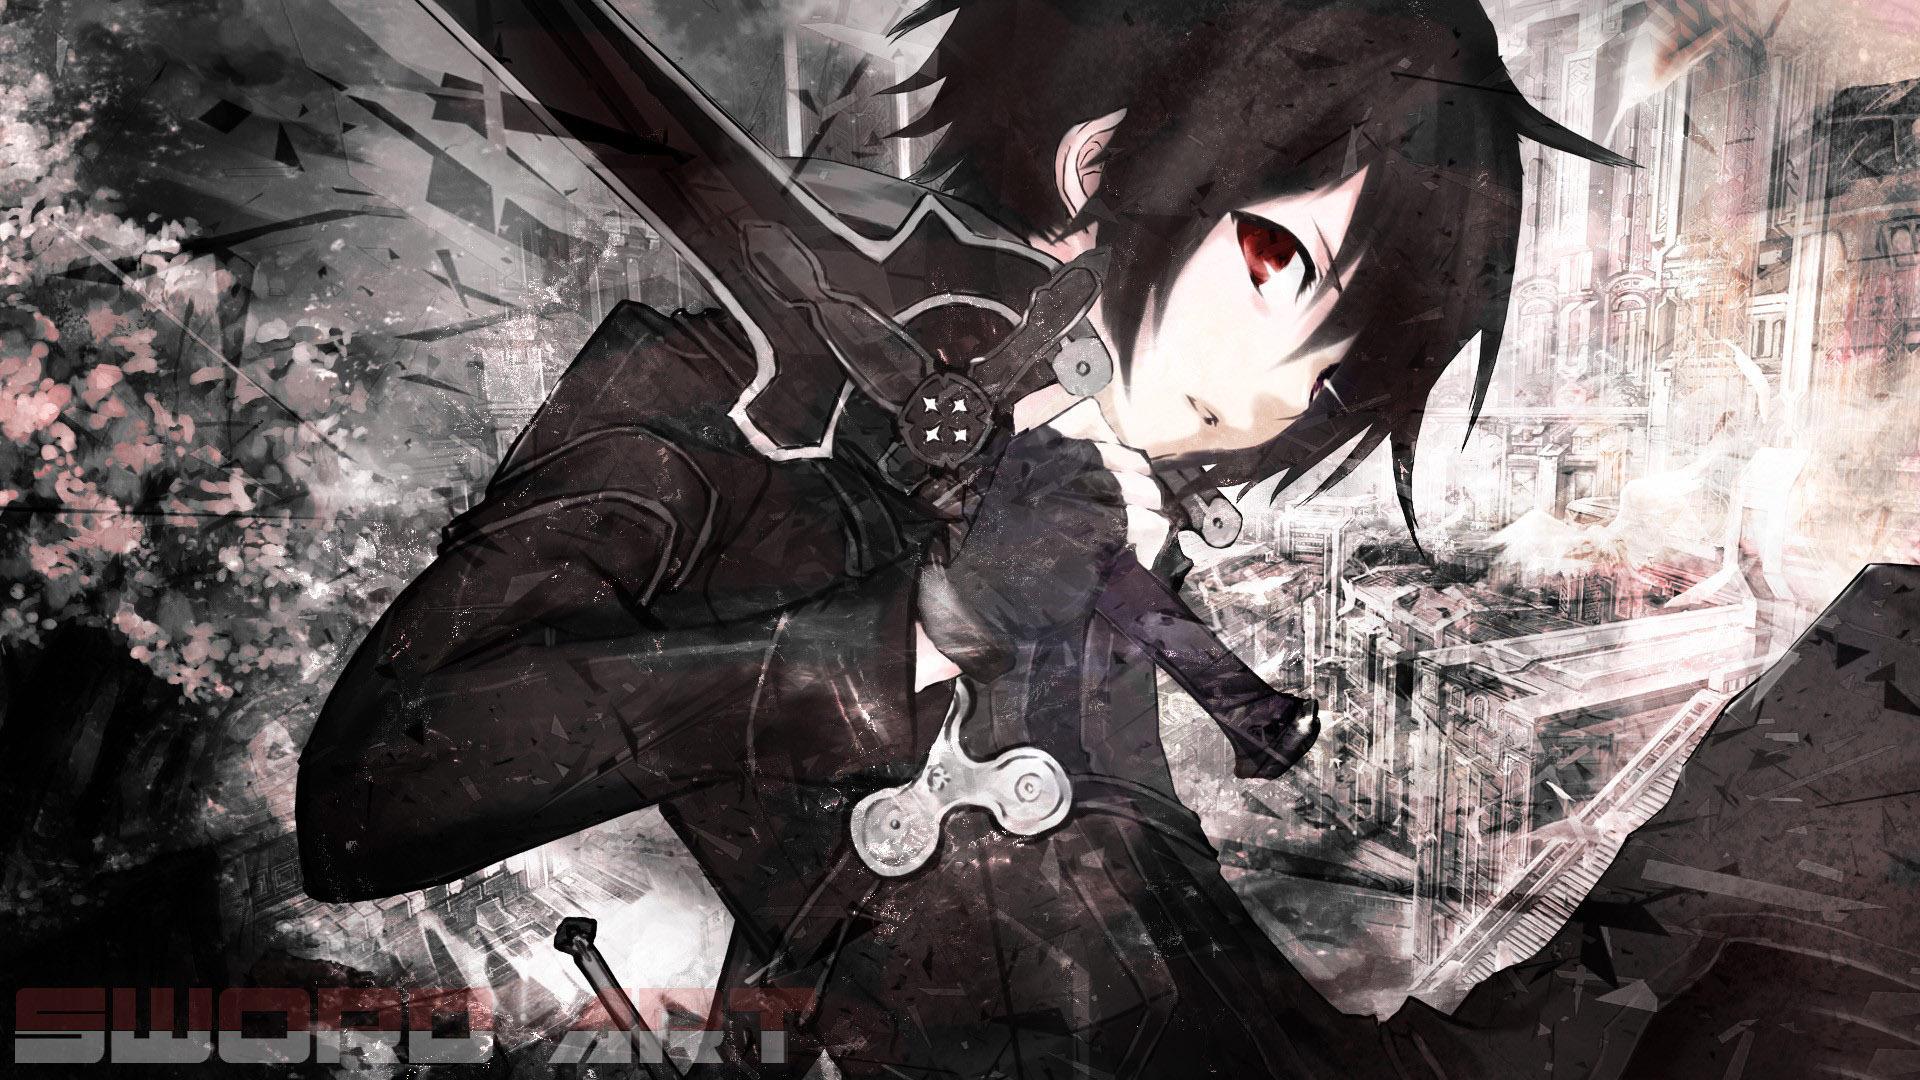 Wallpaper Anime 1920x1080 Amapola1 1545883 Hd